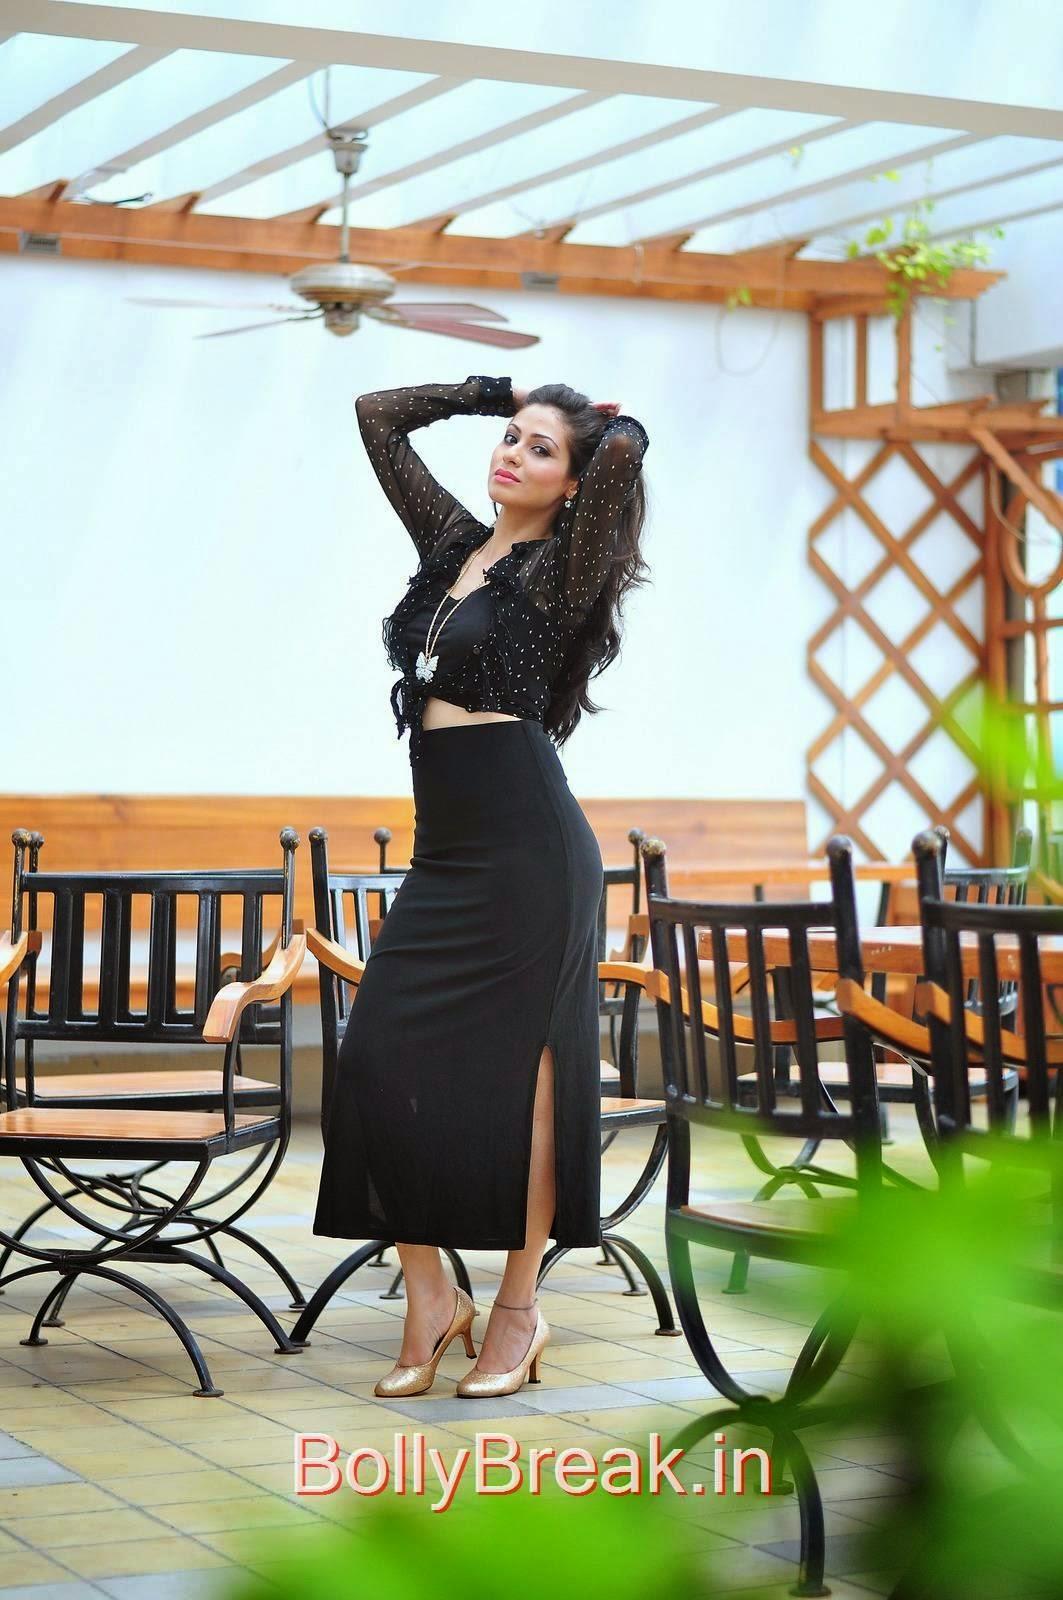 Sada Stills, Hot HD Images Of Sada In Red & Black Dress